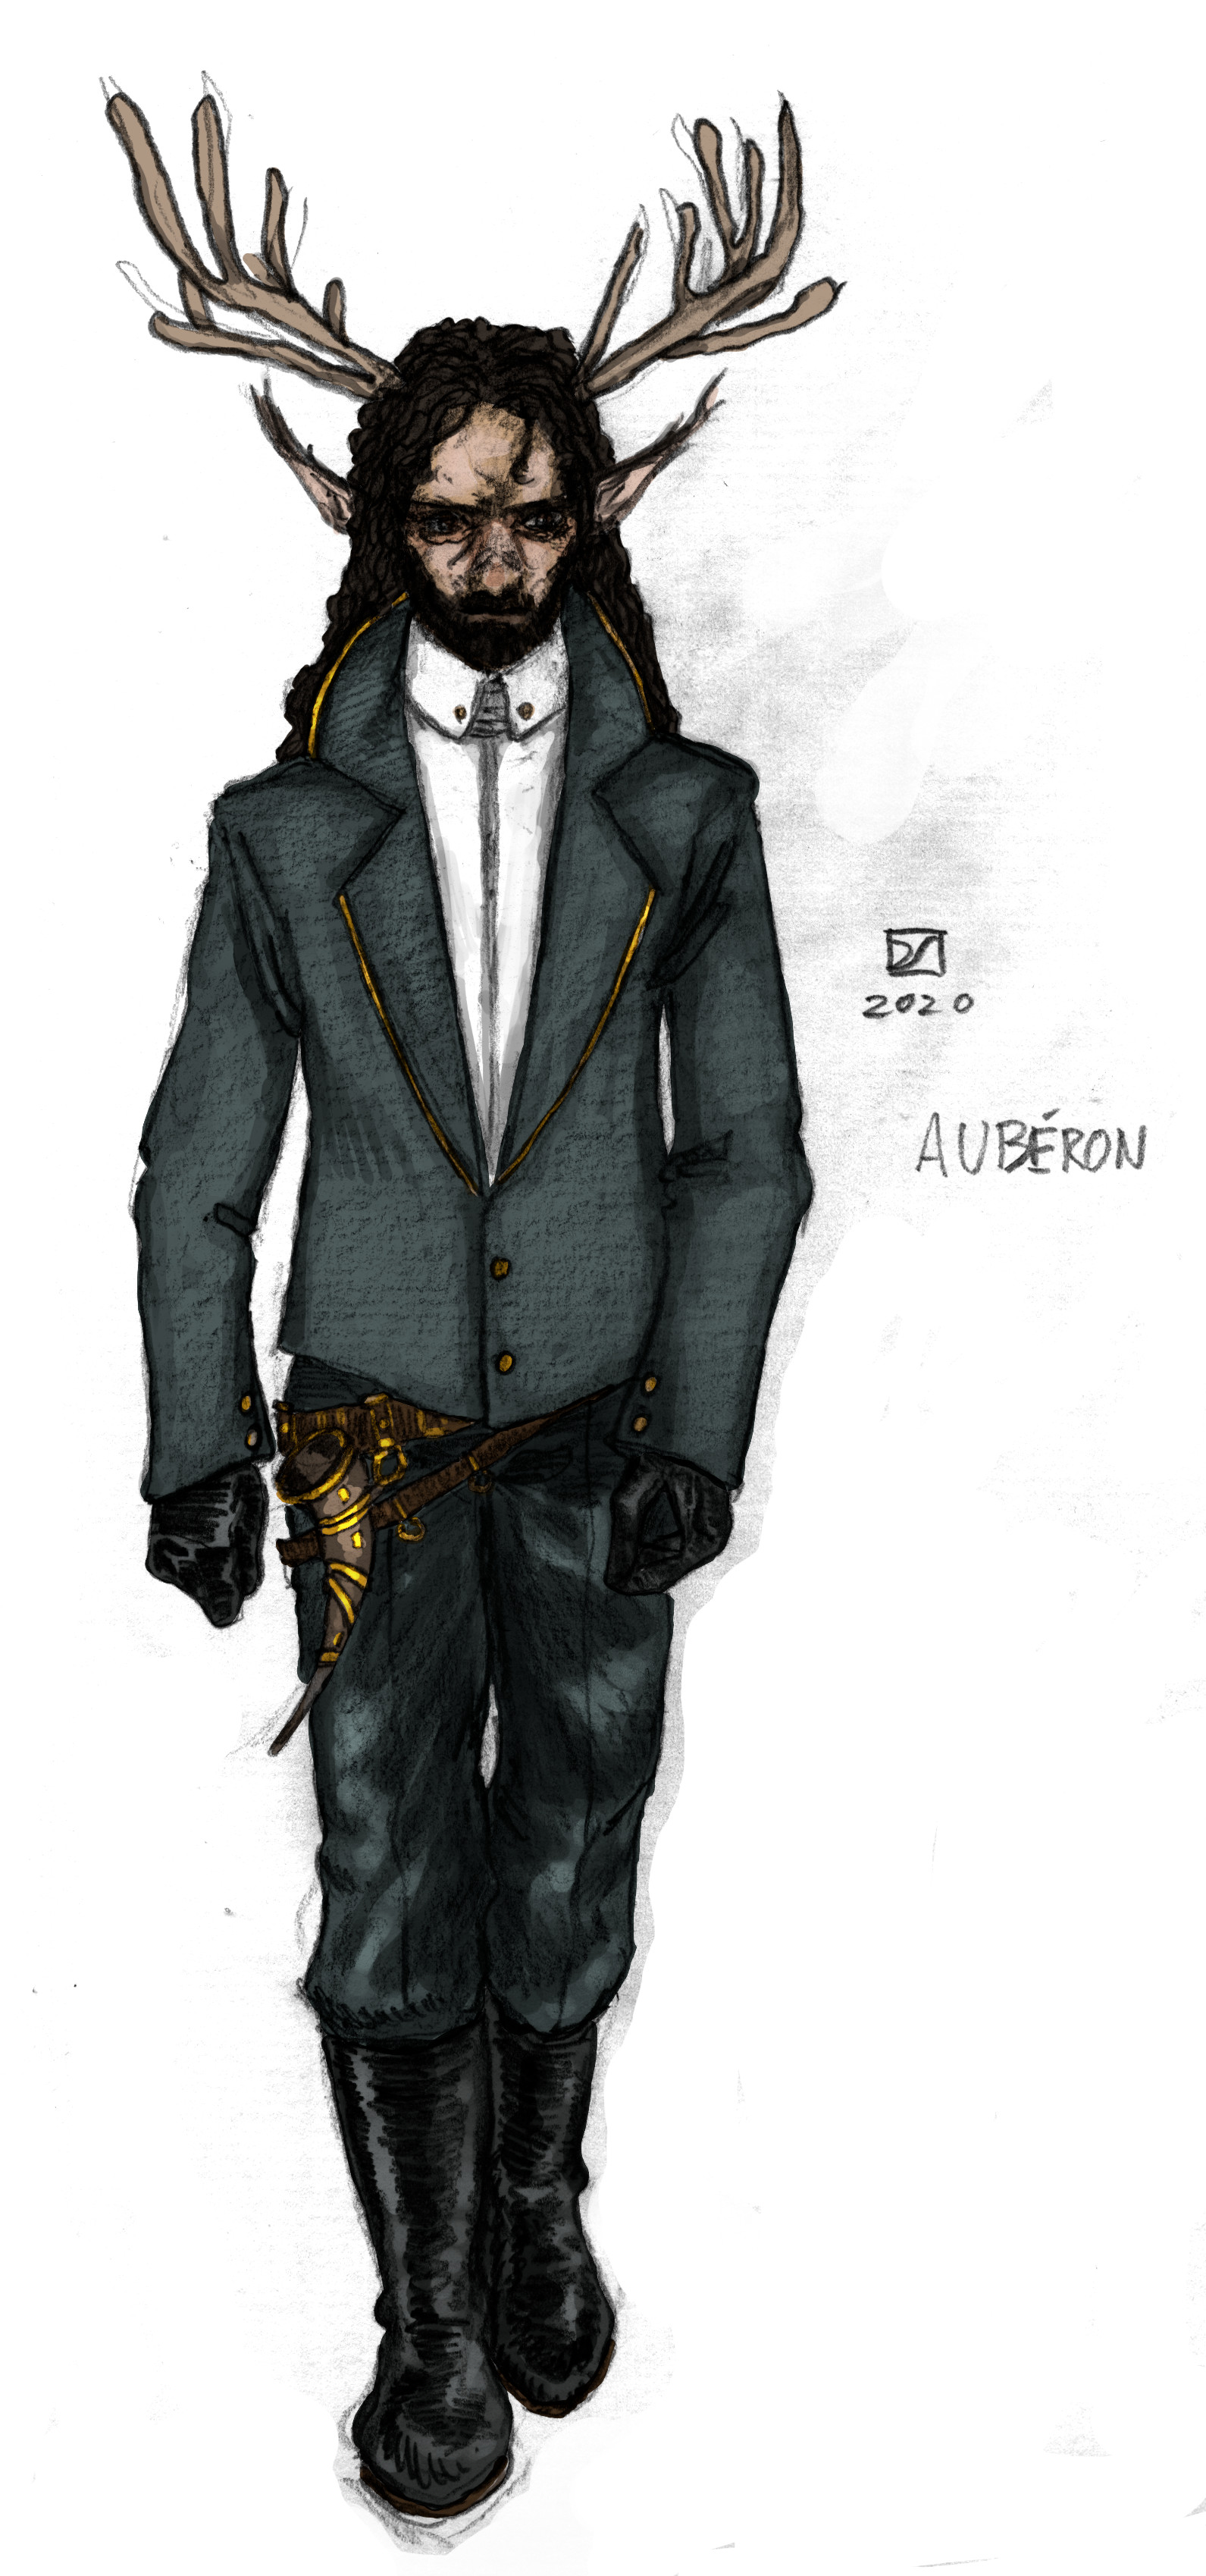 L'ECHANGELIN - Aubéron